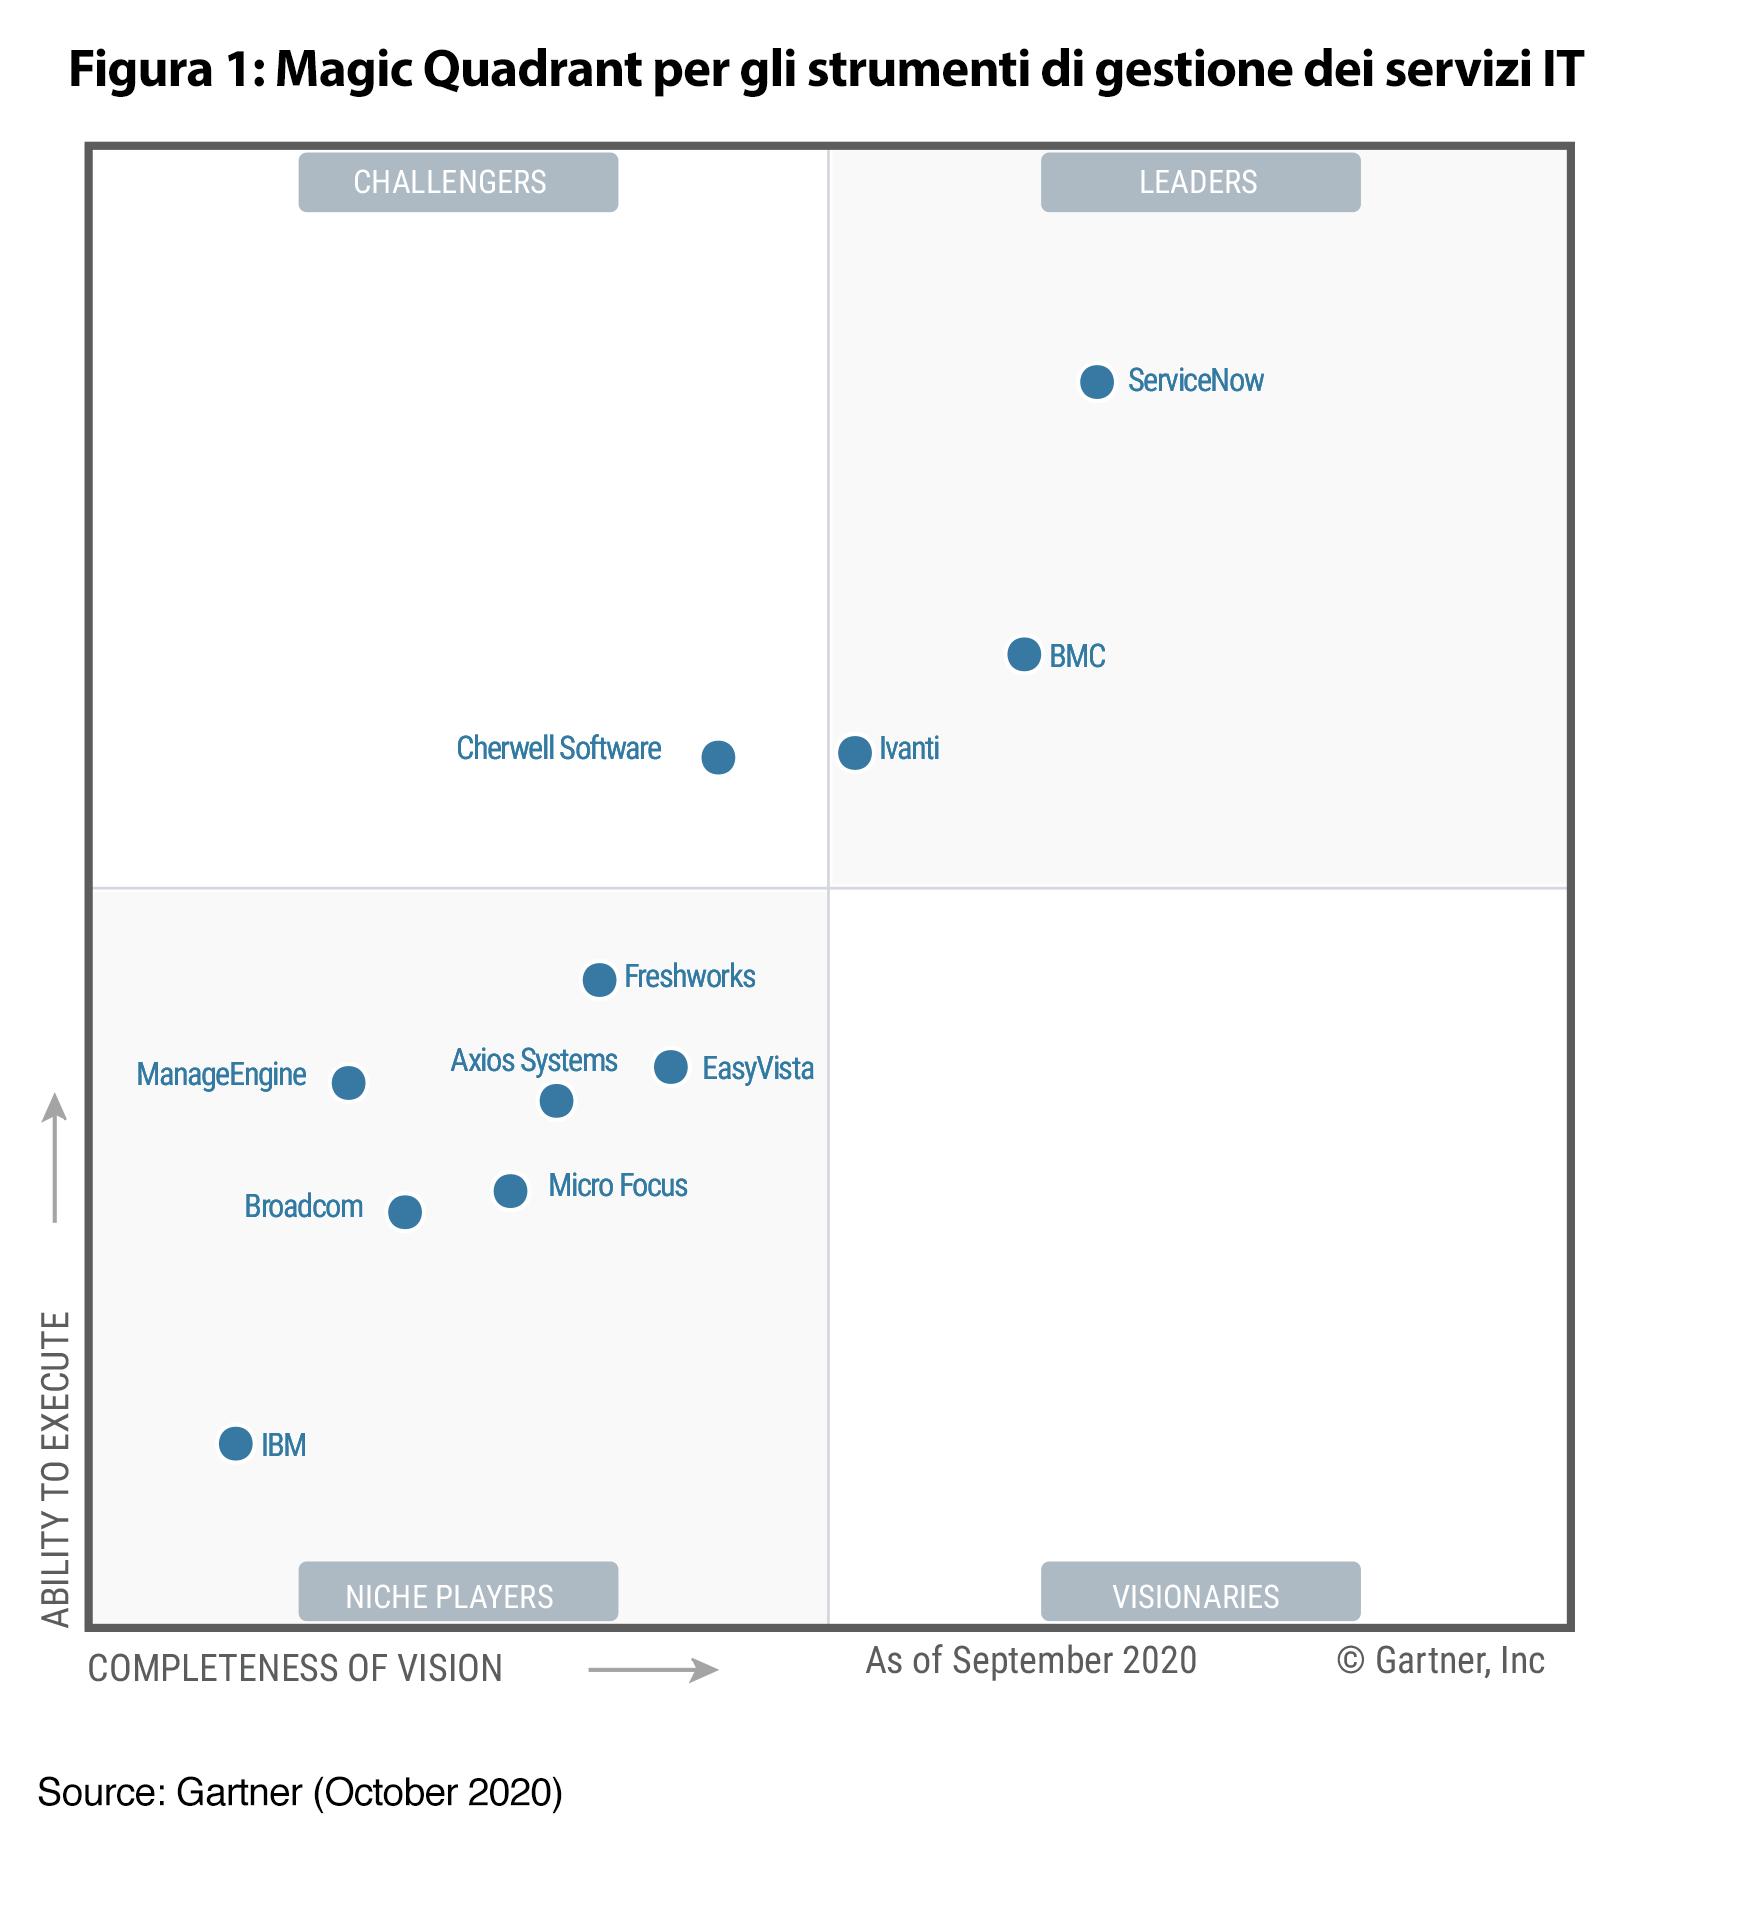 Gartner Magic Quadrant 2020 per gli strumenti ITSM